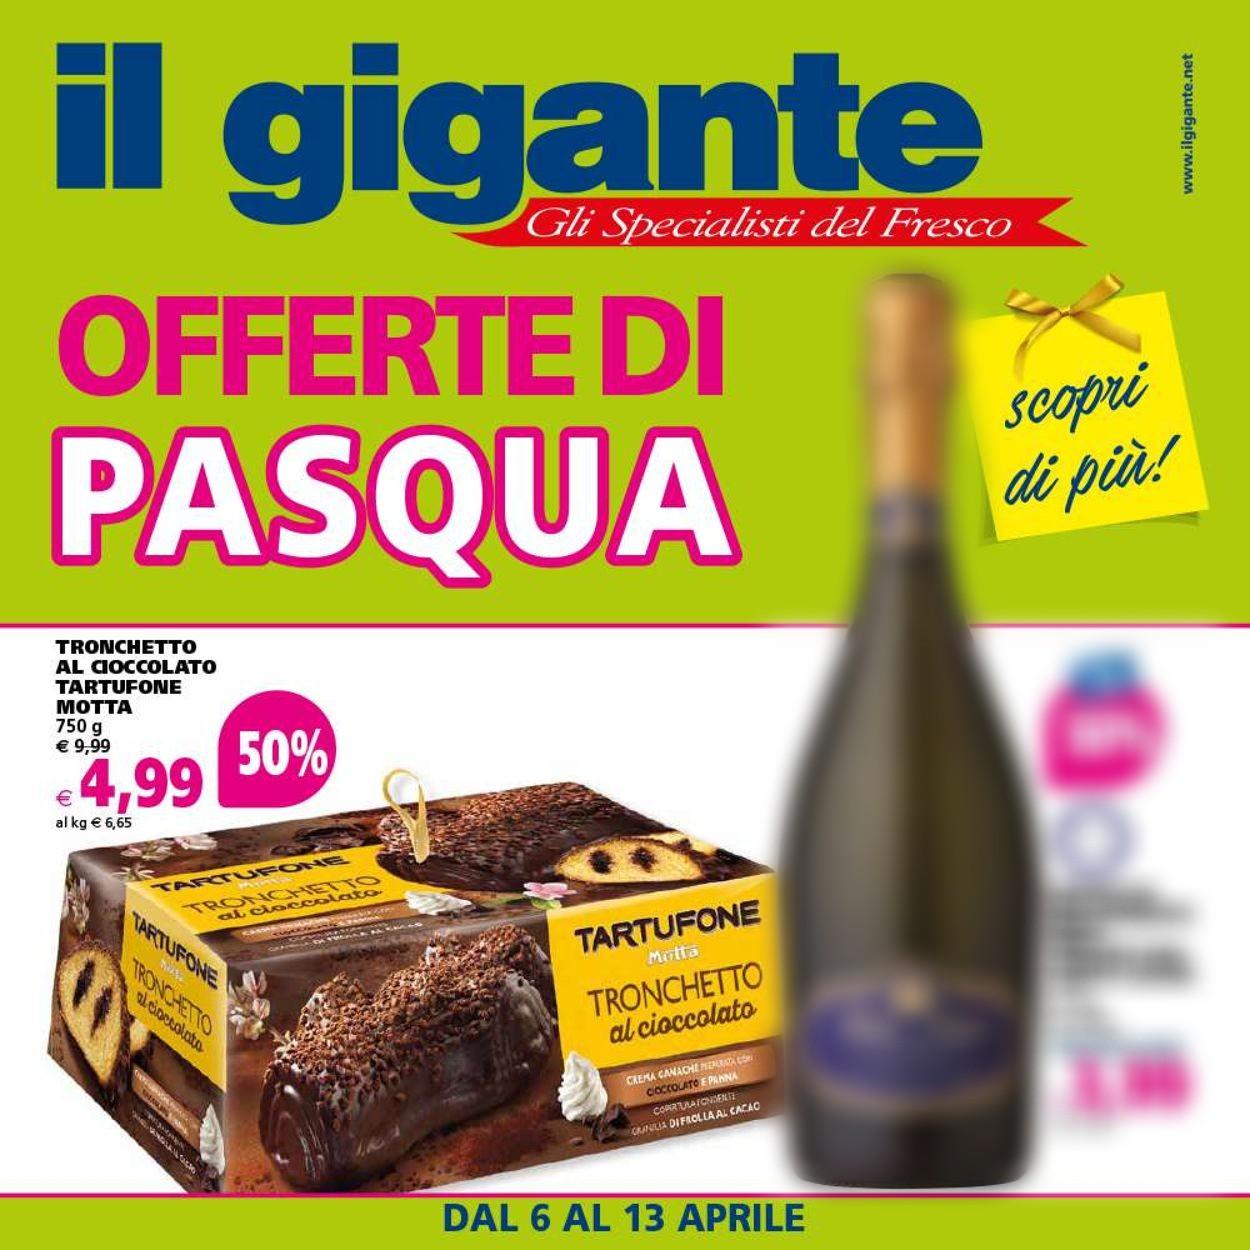 Volantino Il Gigante - Offerte 06/04-13/04/2020